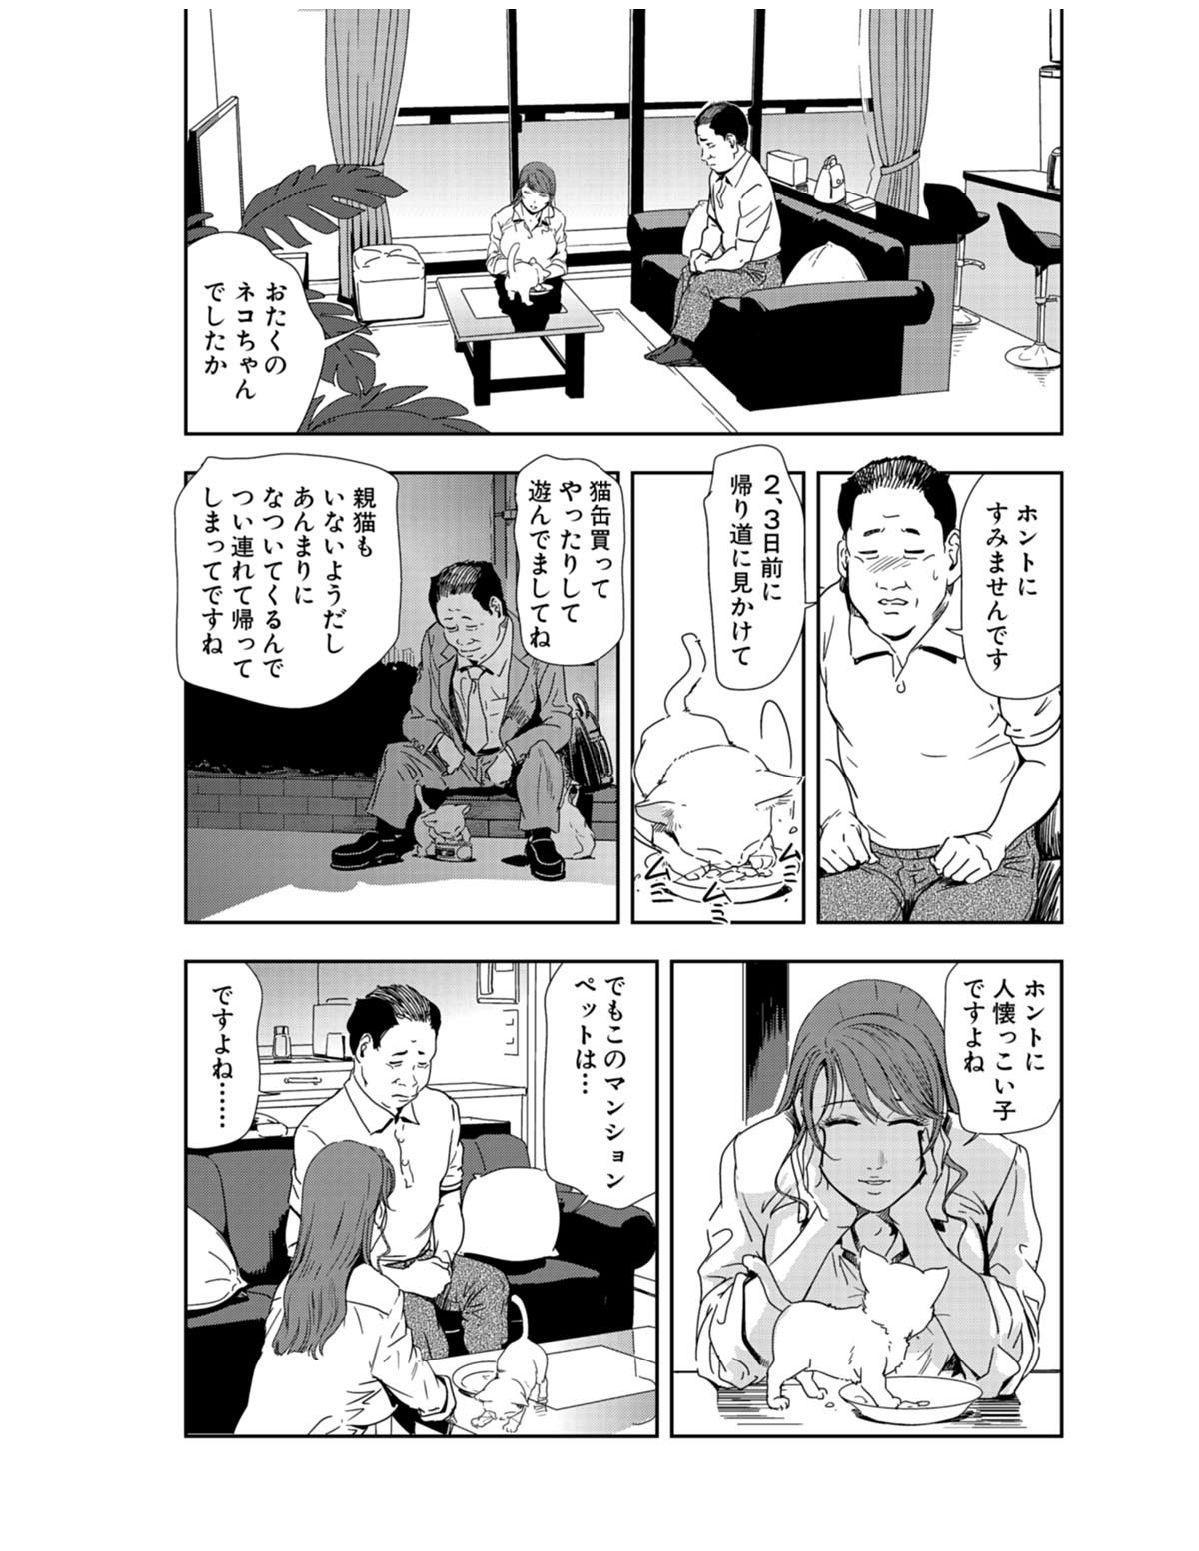 Nikuhisyo Yukiko 21 134